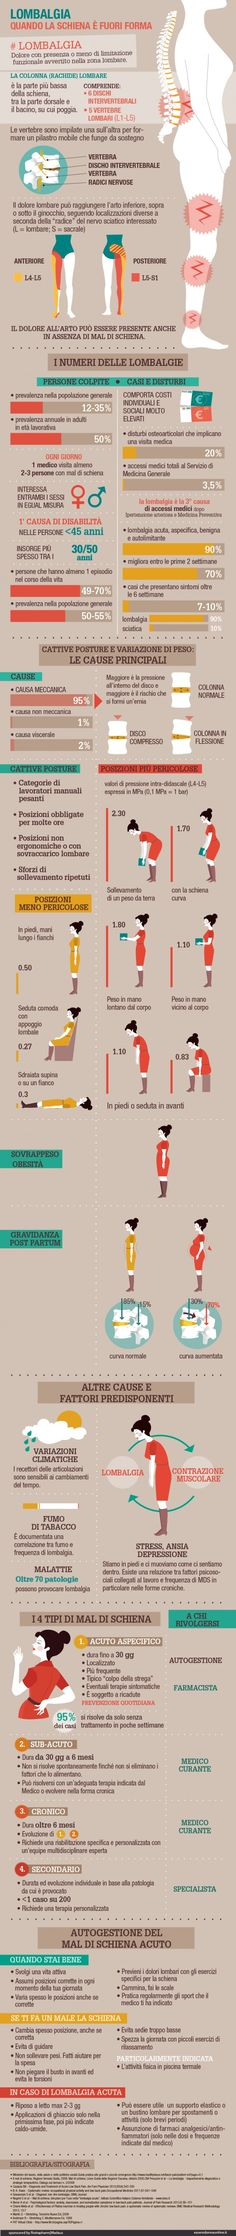 Lombalgia - Infografica di Alice Borhi per Esseredonnaonline